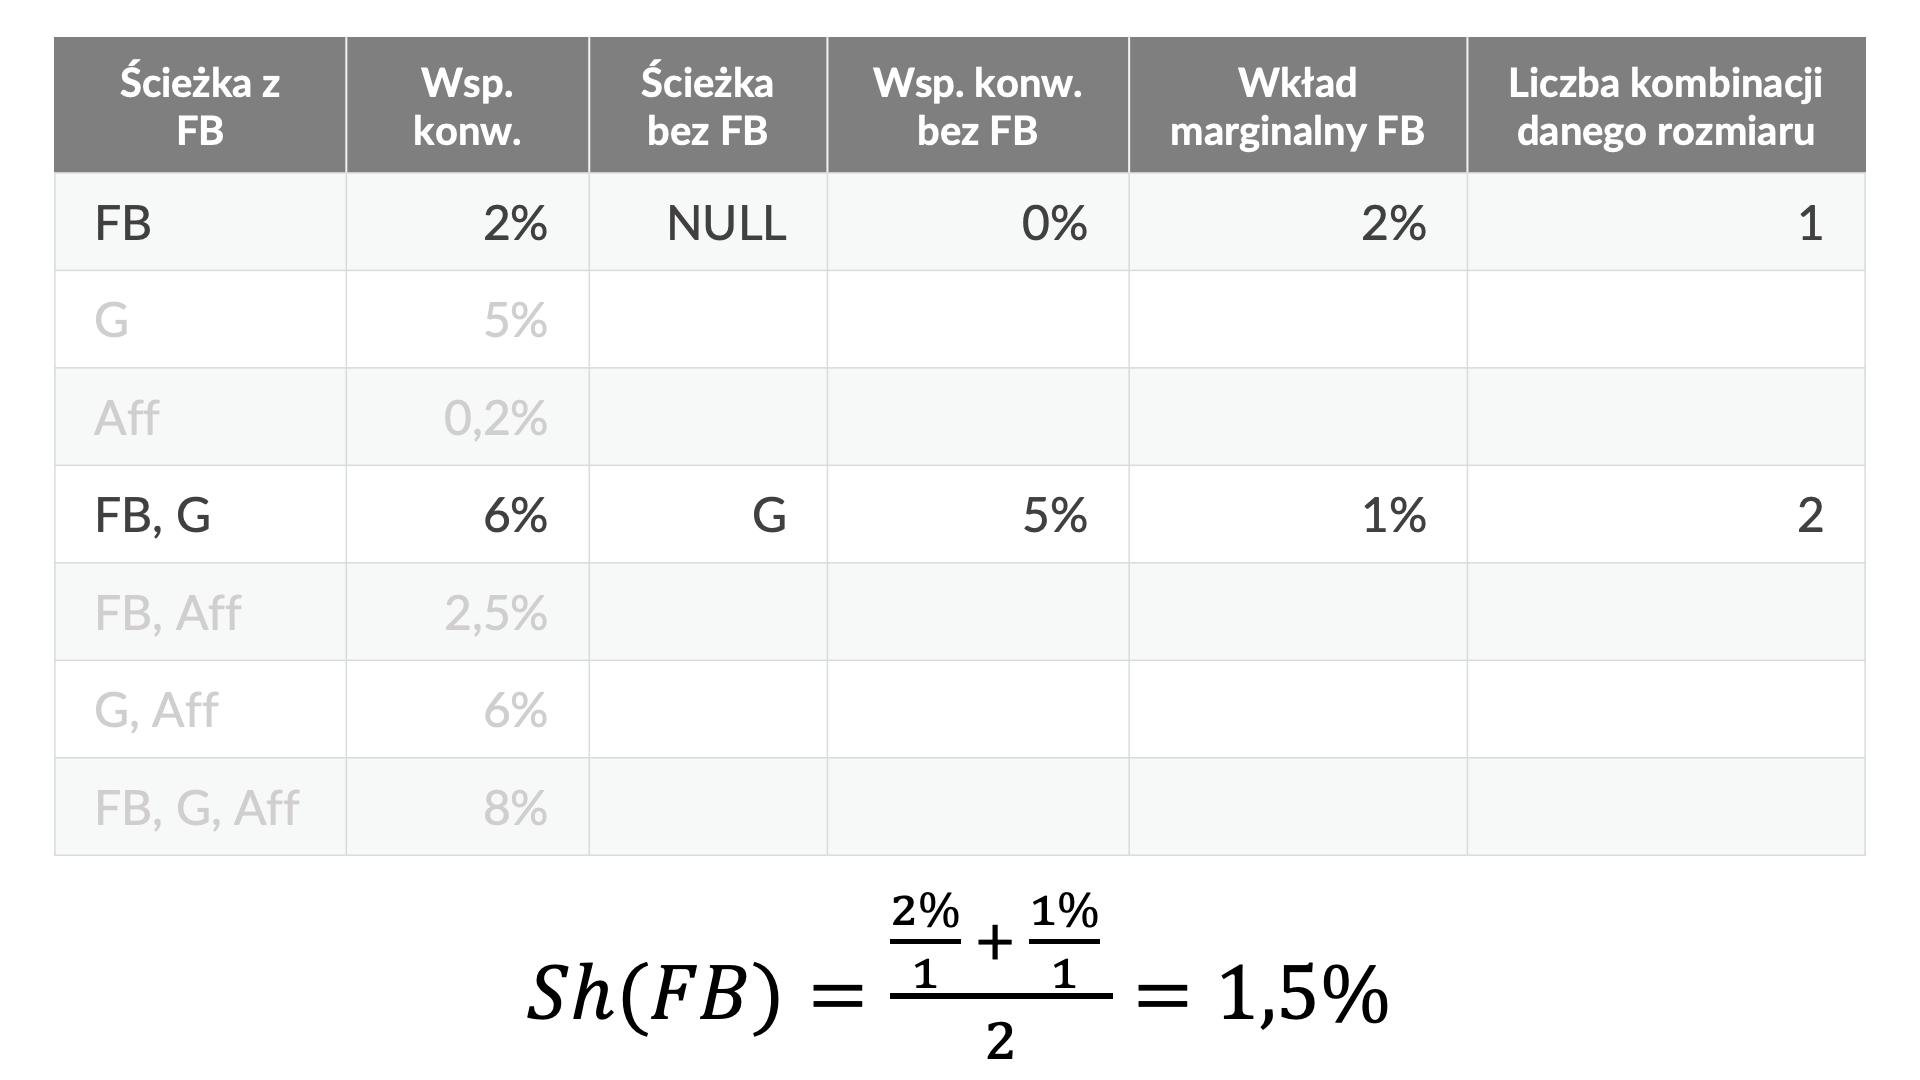 obliczanie wartości shapleya dla różnych kanałów